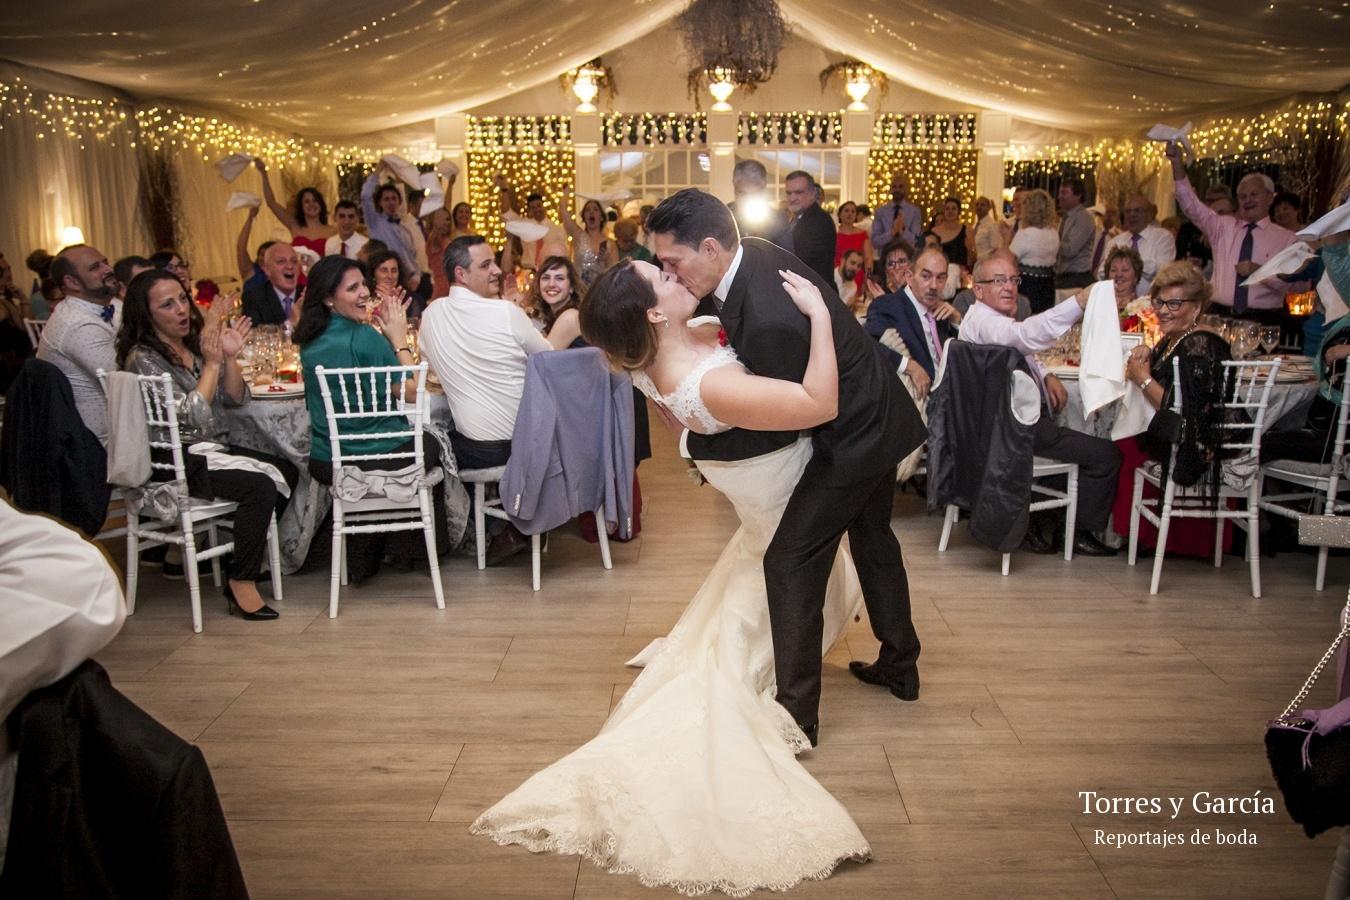 entrando al salón de bodas - Fotografías - Libros y reportajes de boda diferentes.